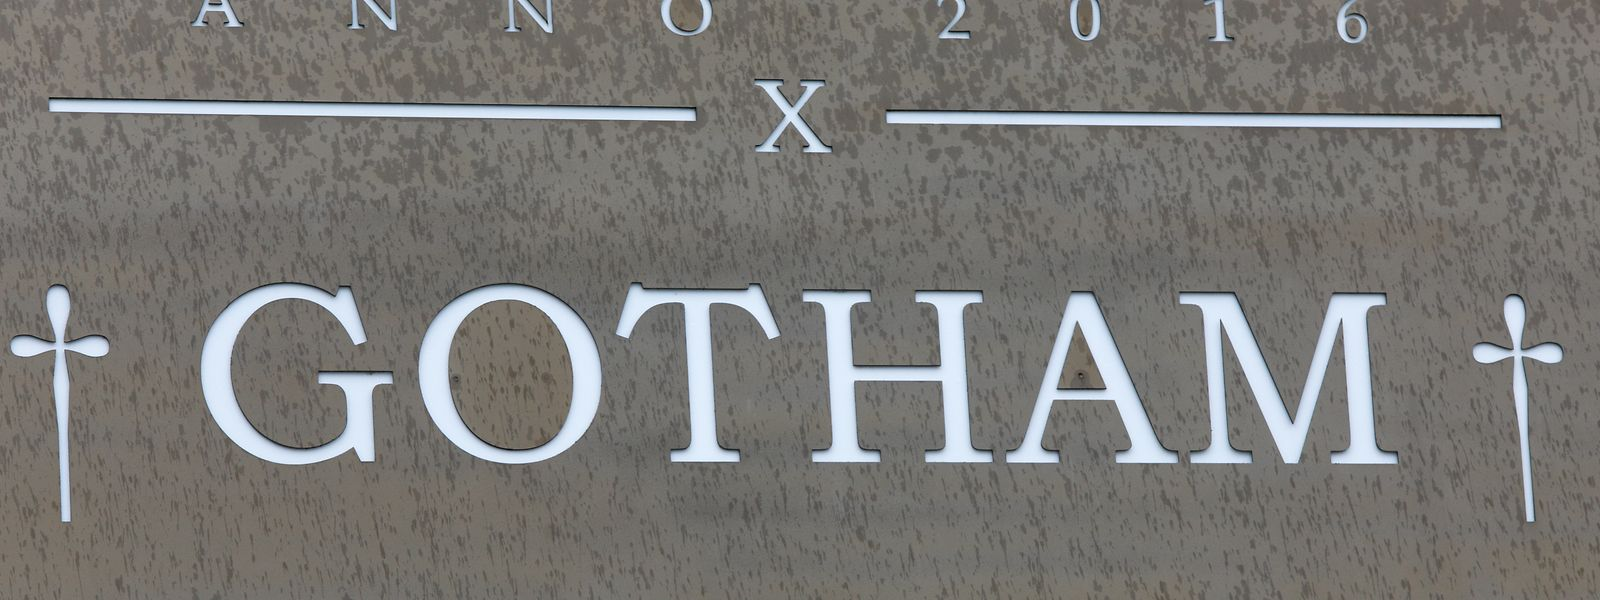 Die Tat ereignete sich im Nachtclub Gotham in Limpertsberg.